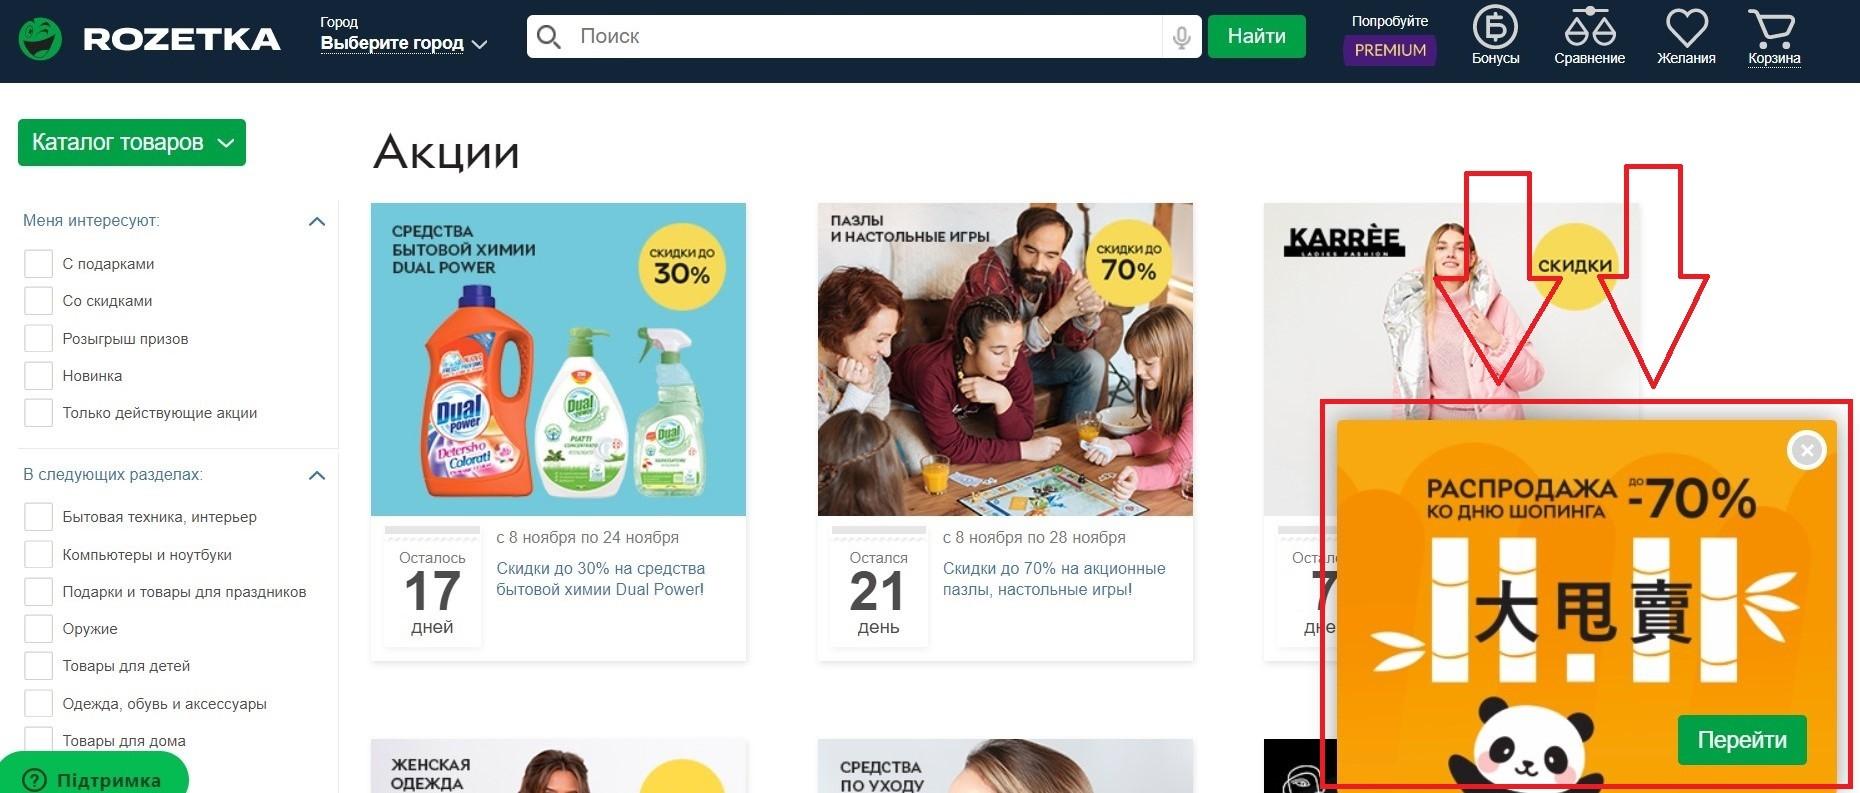 Акции для товарки: 10 идей продать со скидкой